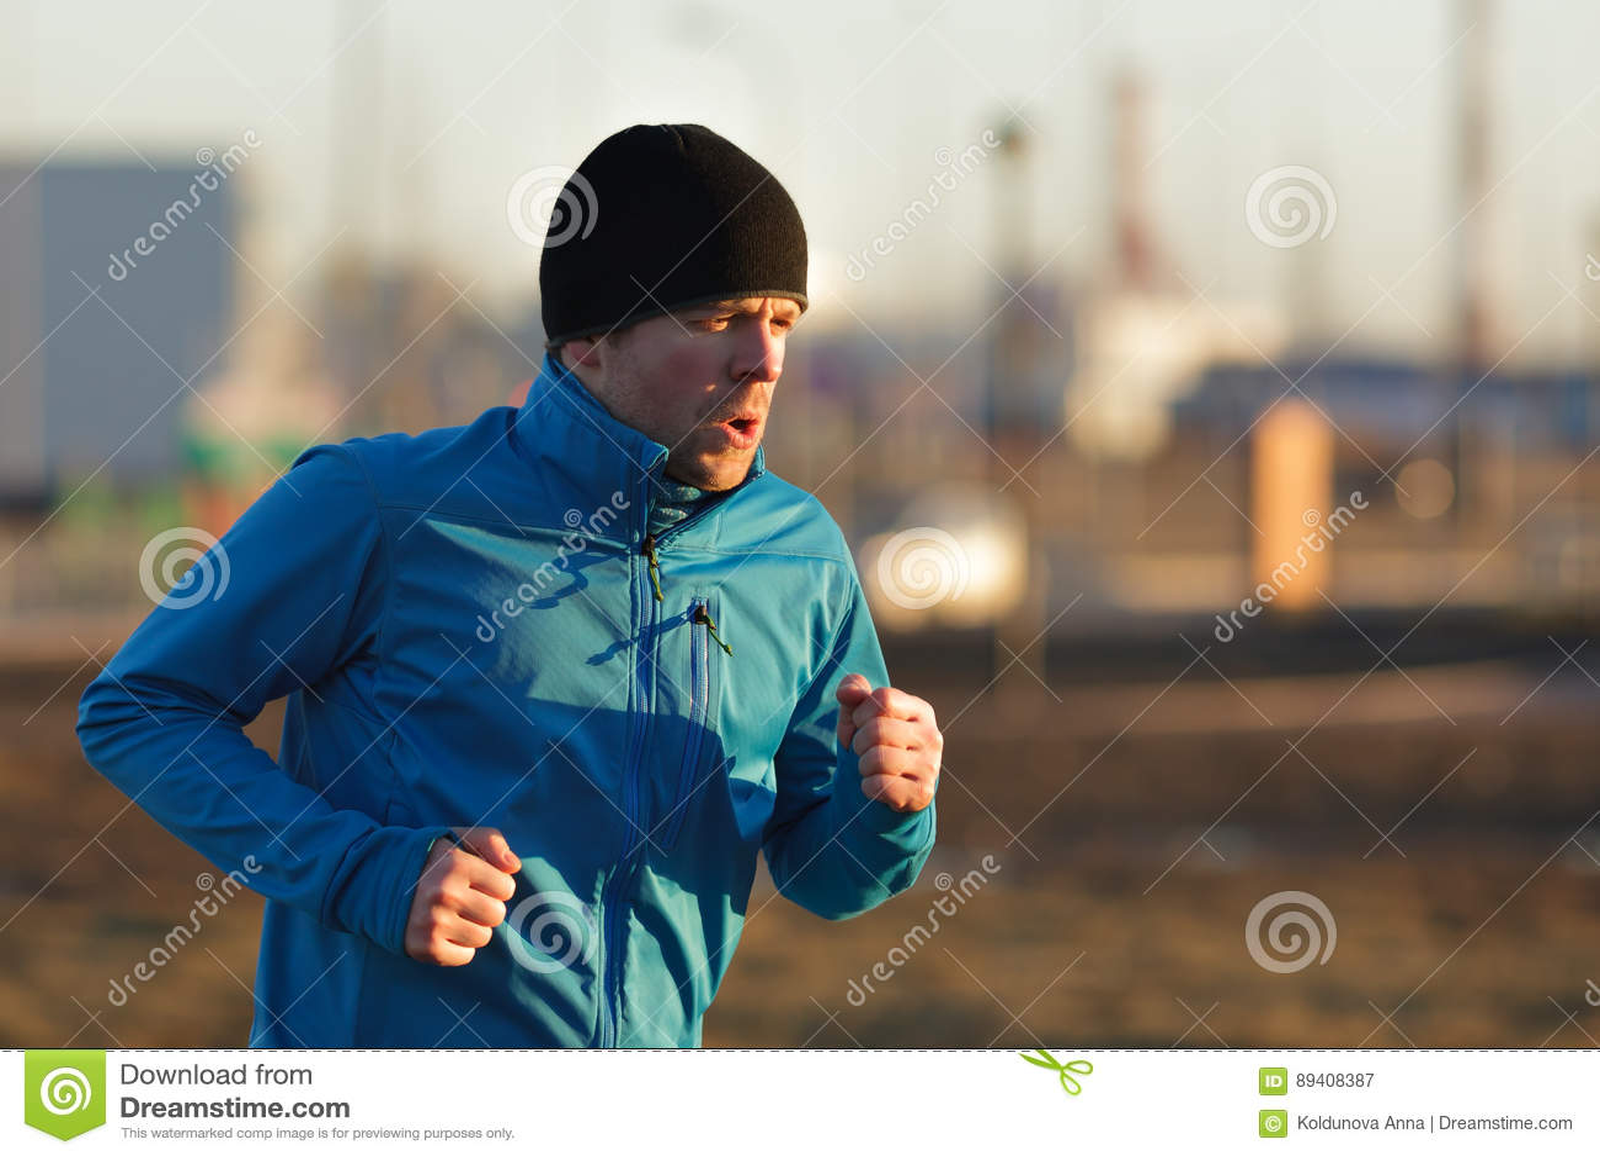 Jogue esportes e conduza um estilo de vida ativo